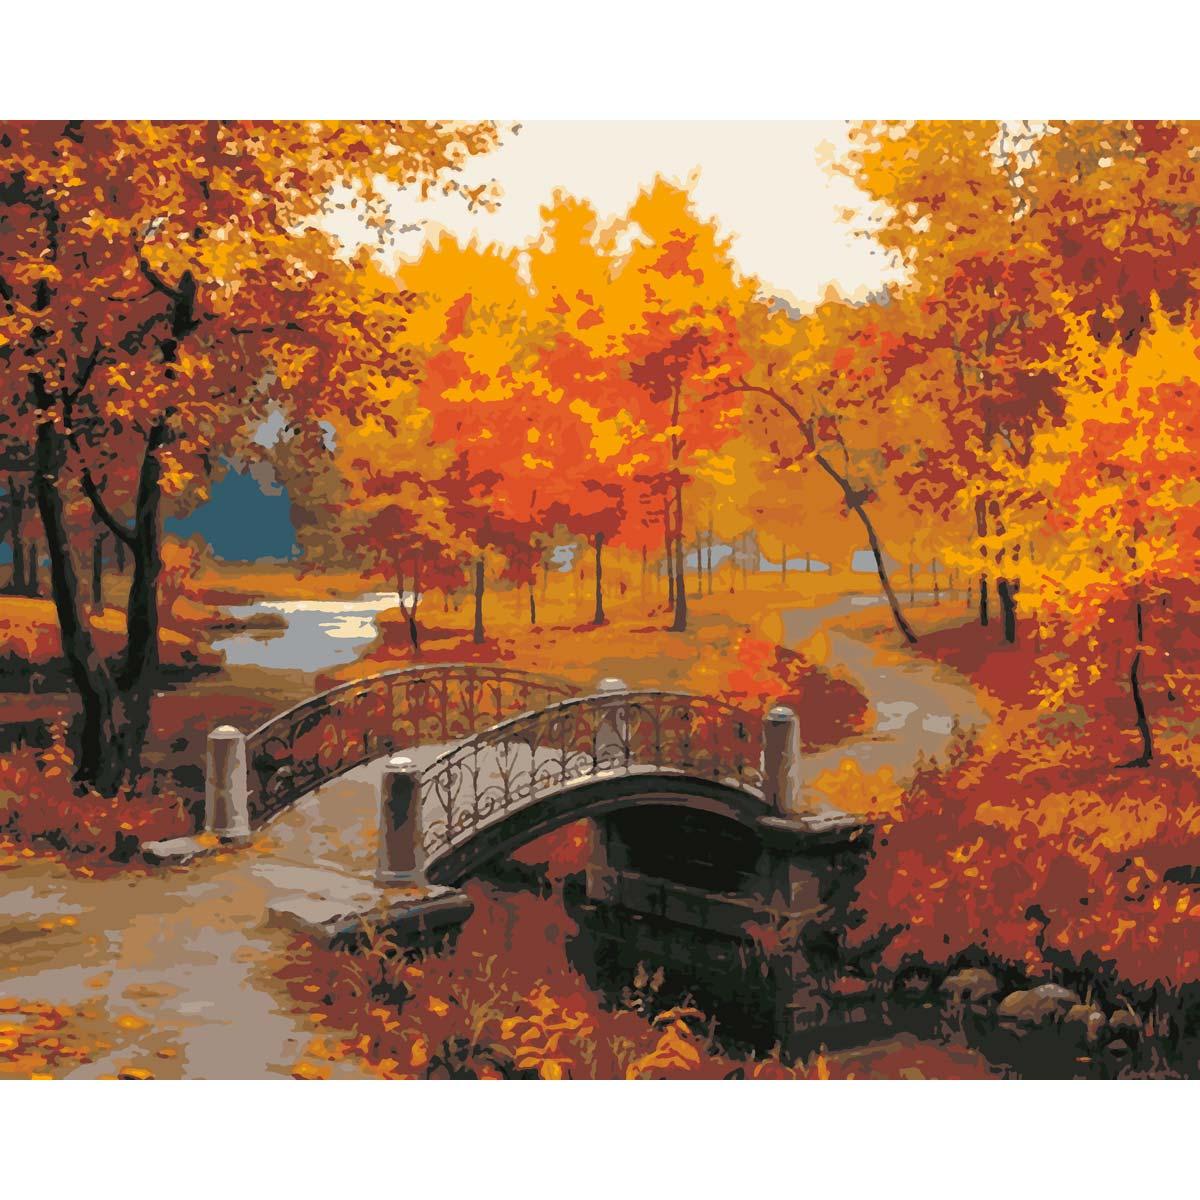 HS0119 Набор для рисования по номерам 'Парк осенью' 40*50см